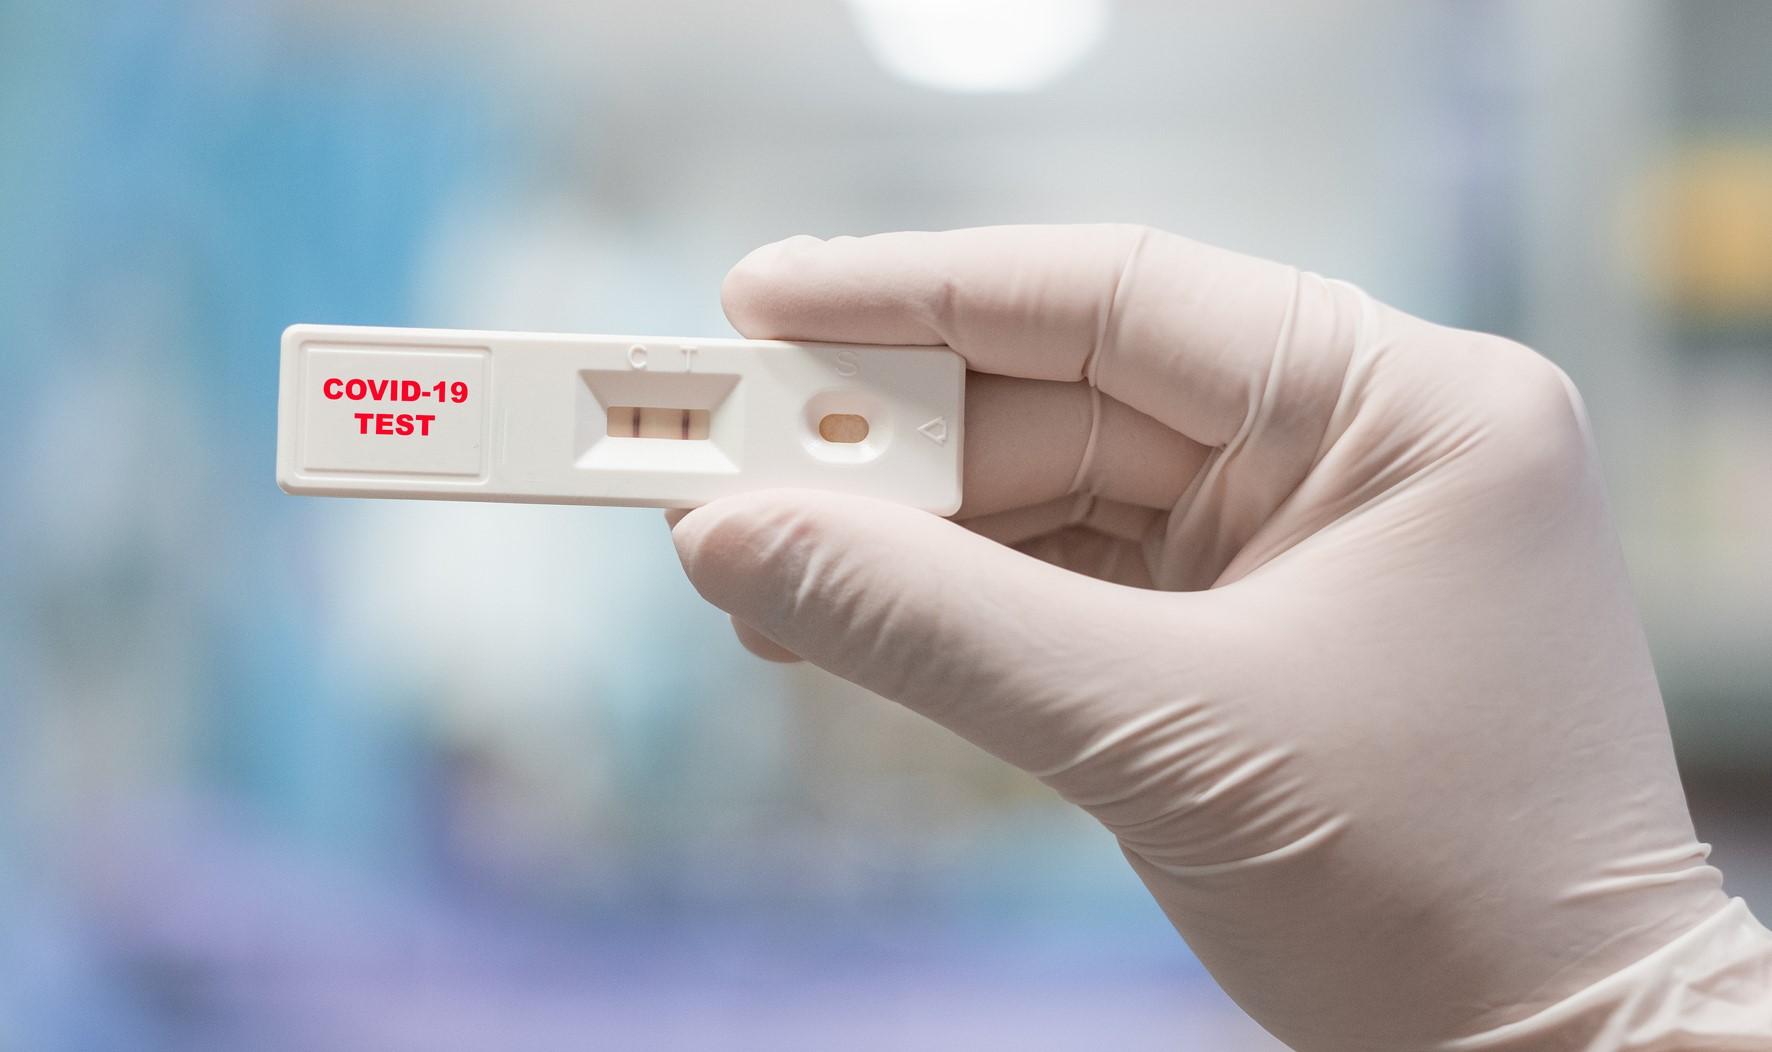 ライザップ、全従業員とユーザーに新型コロナウイルス抗体検査を無償実施